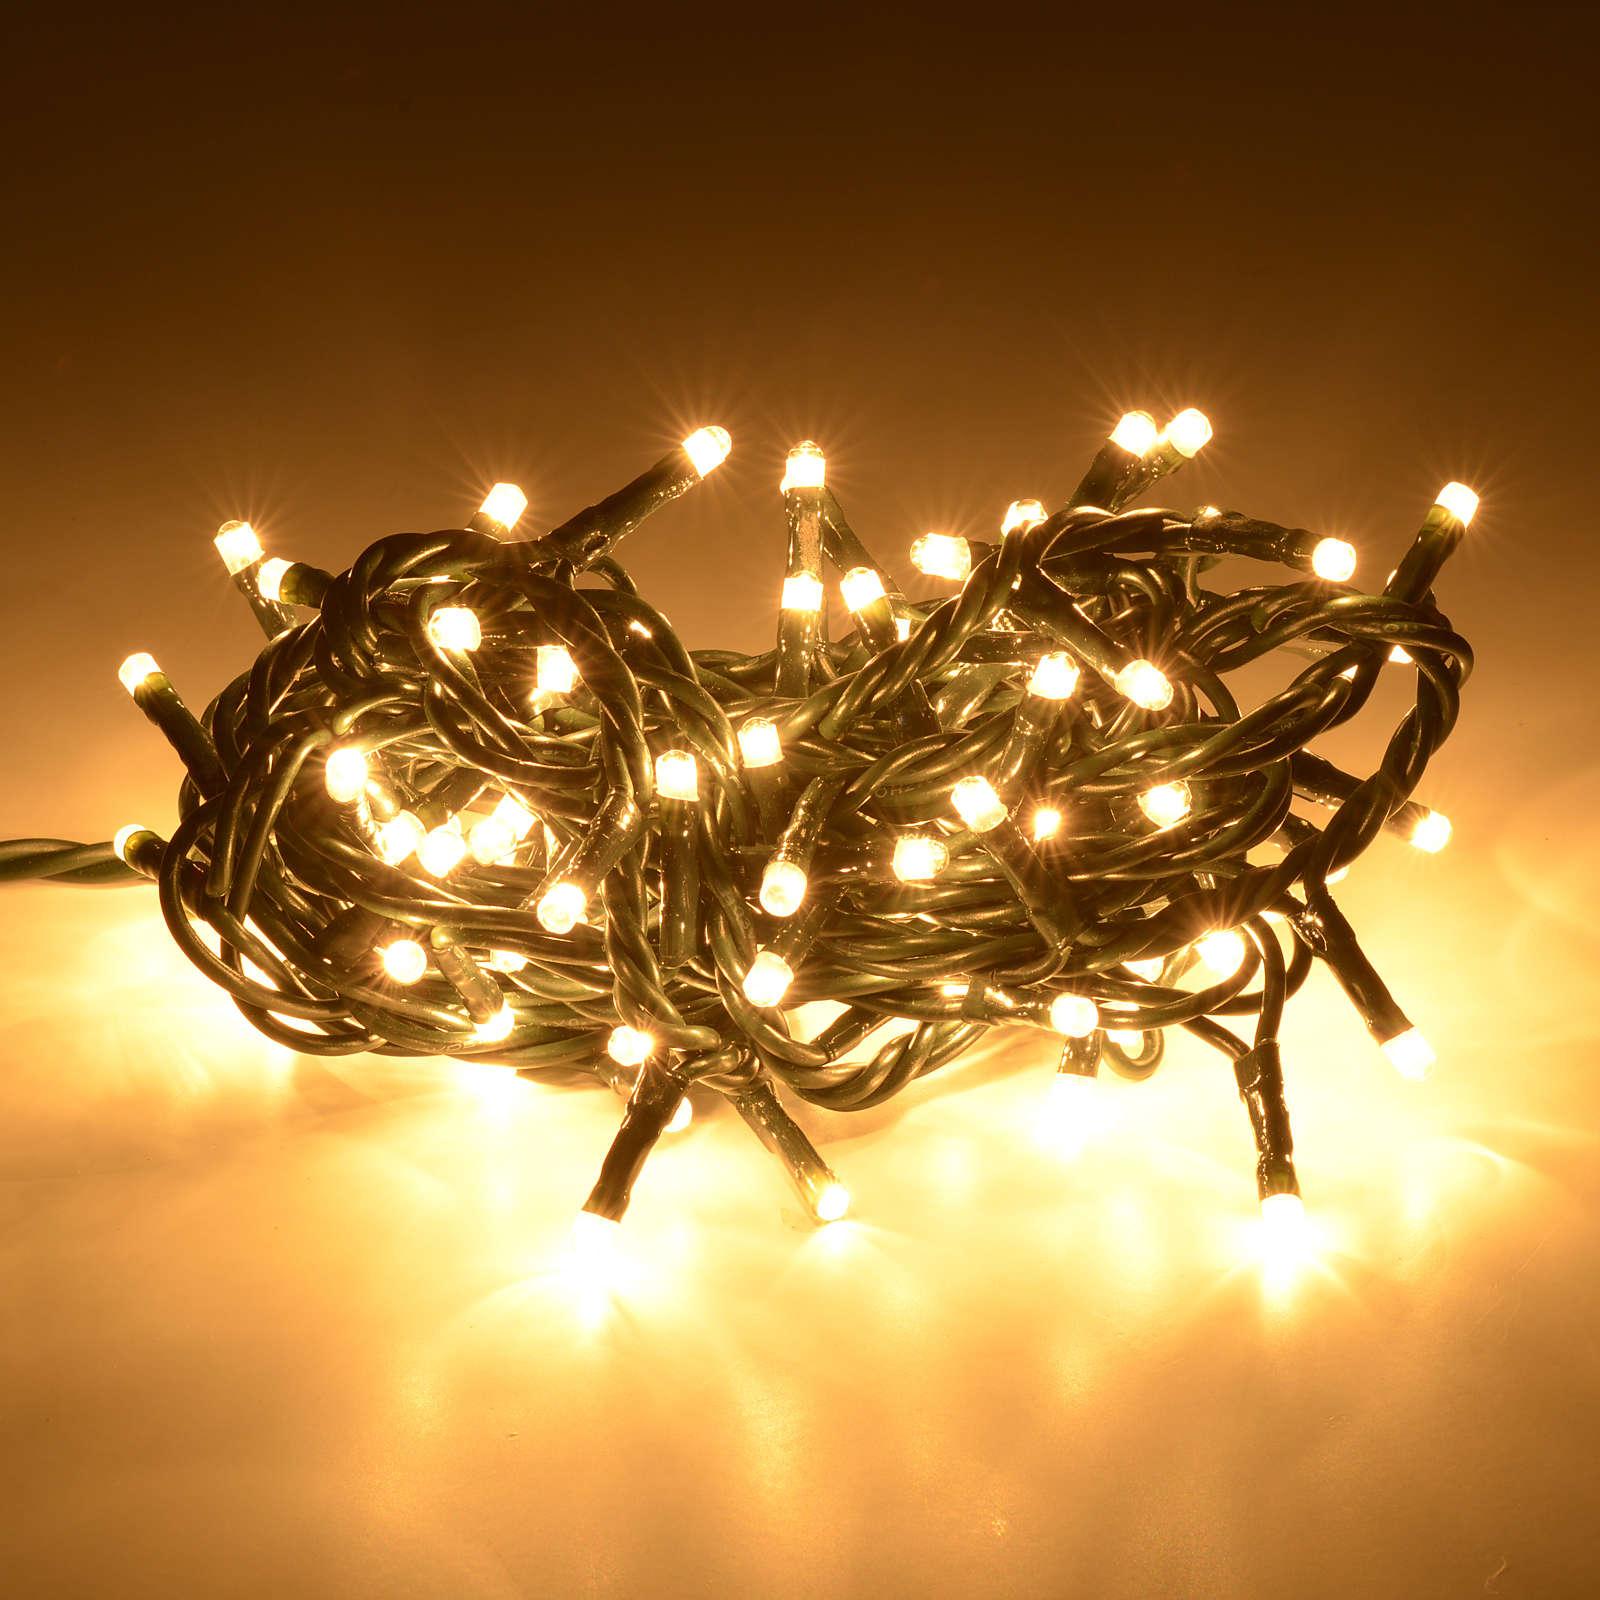 Luce Natale 100 minilucciole bianco chiaro per interni 3